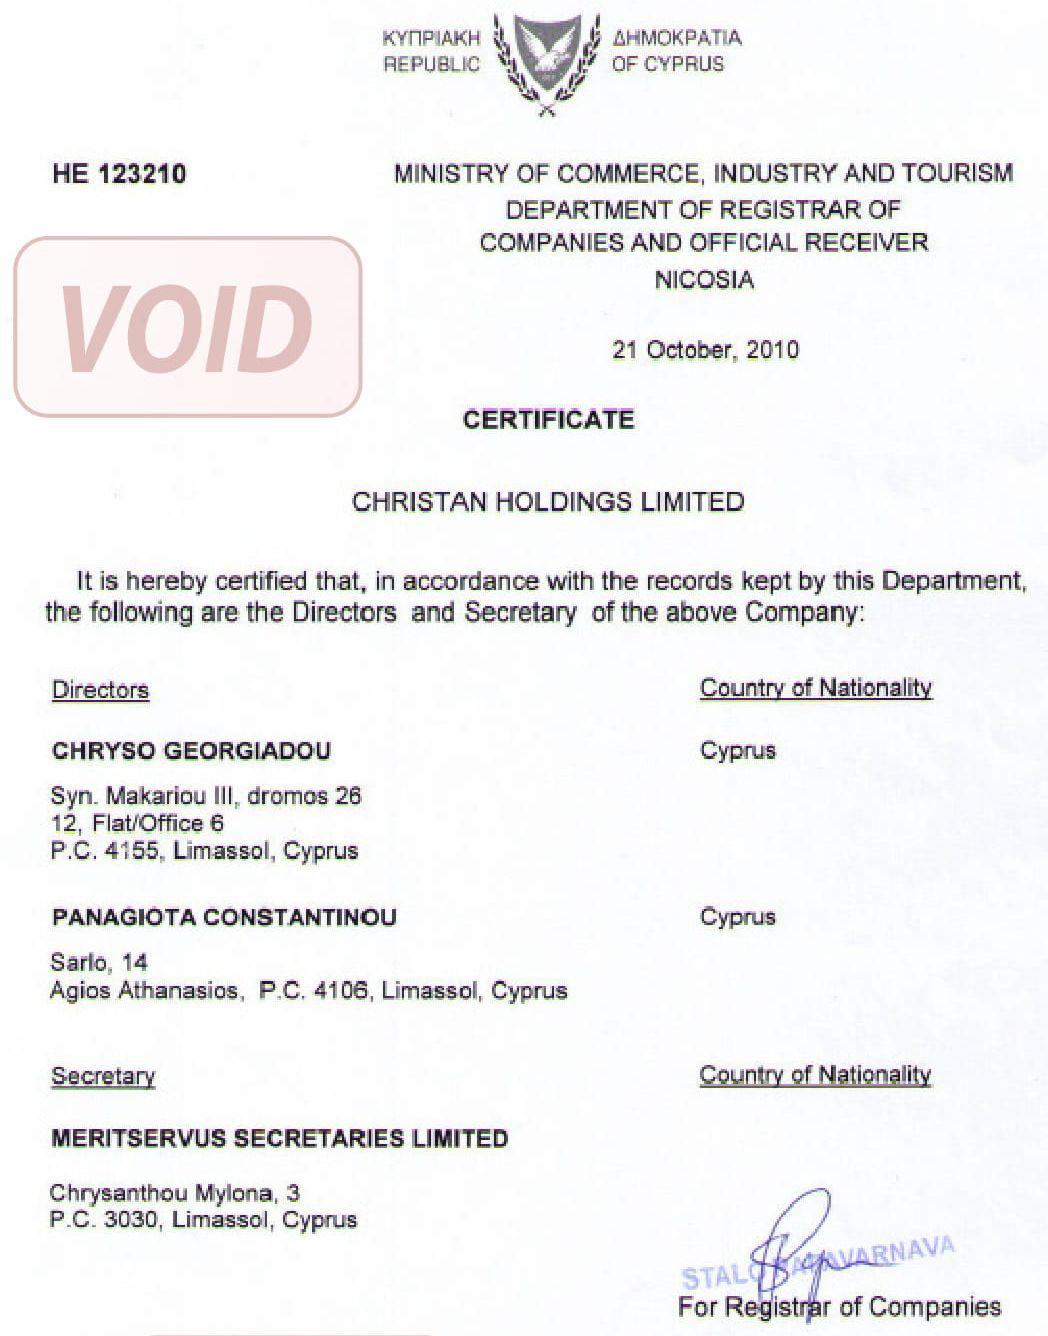 образец сертификата директоров и секретаря компании Certificate of directors and secretary Кипр